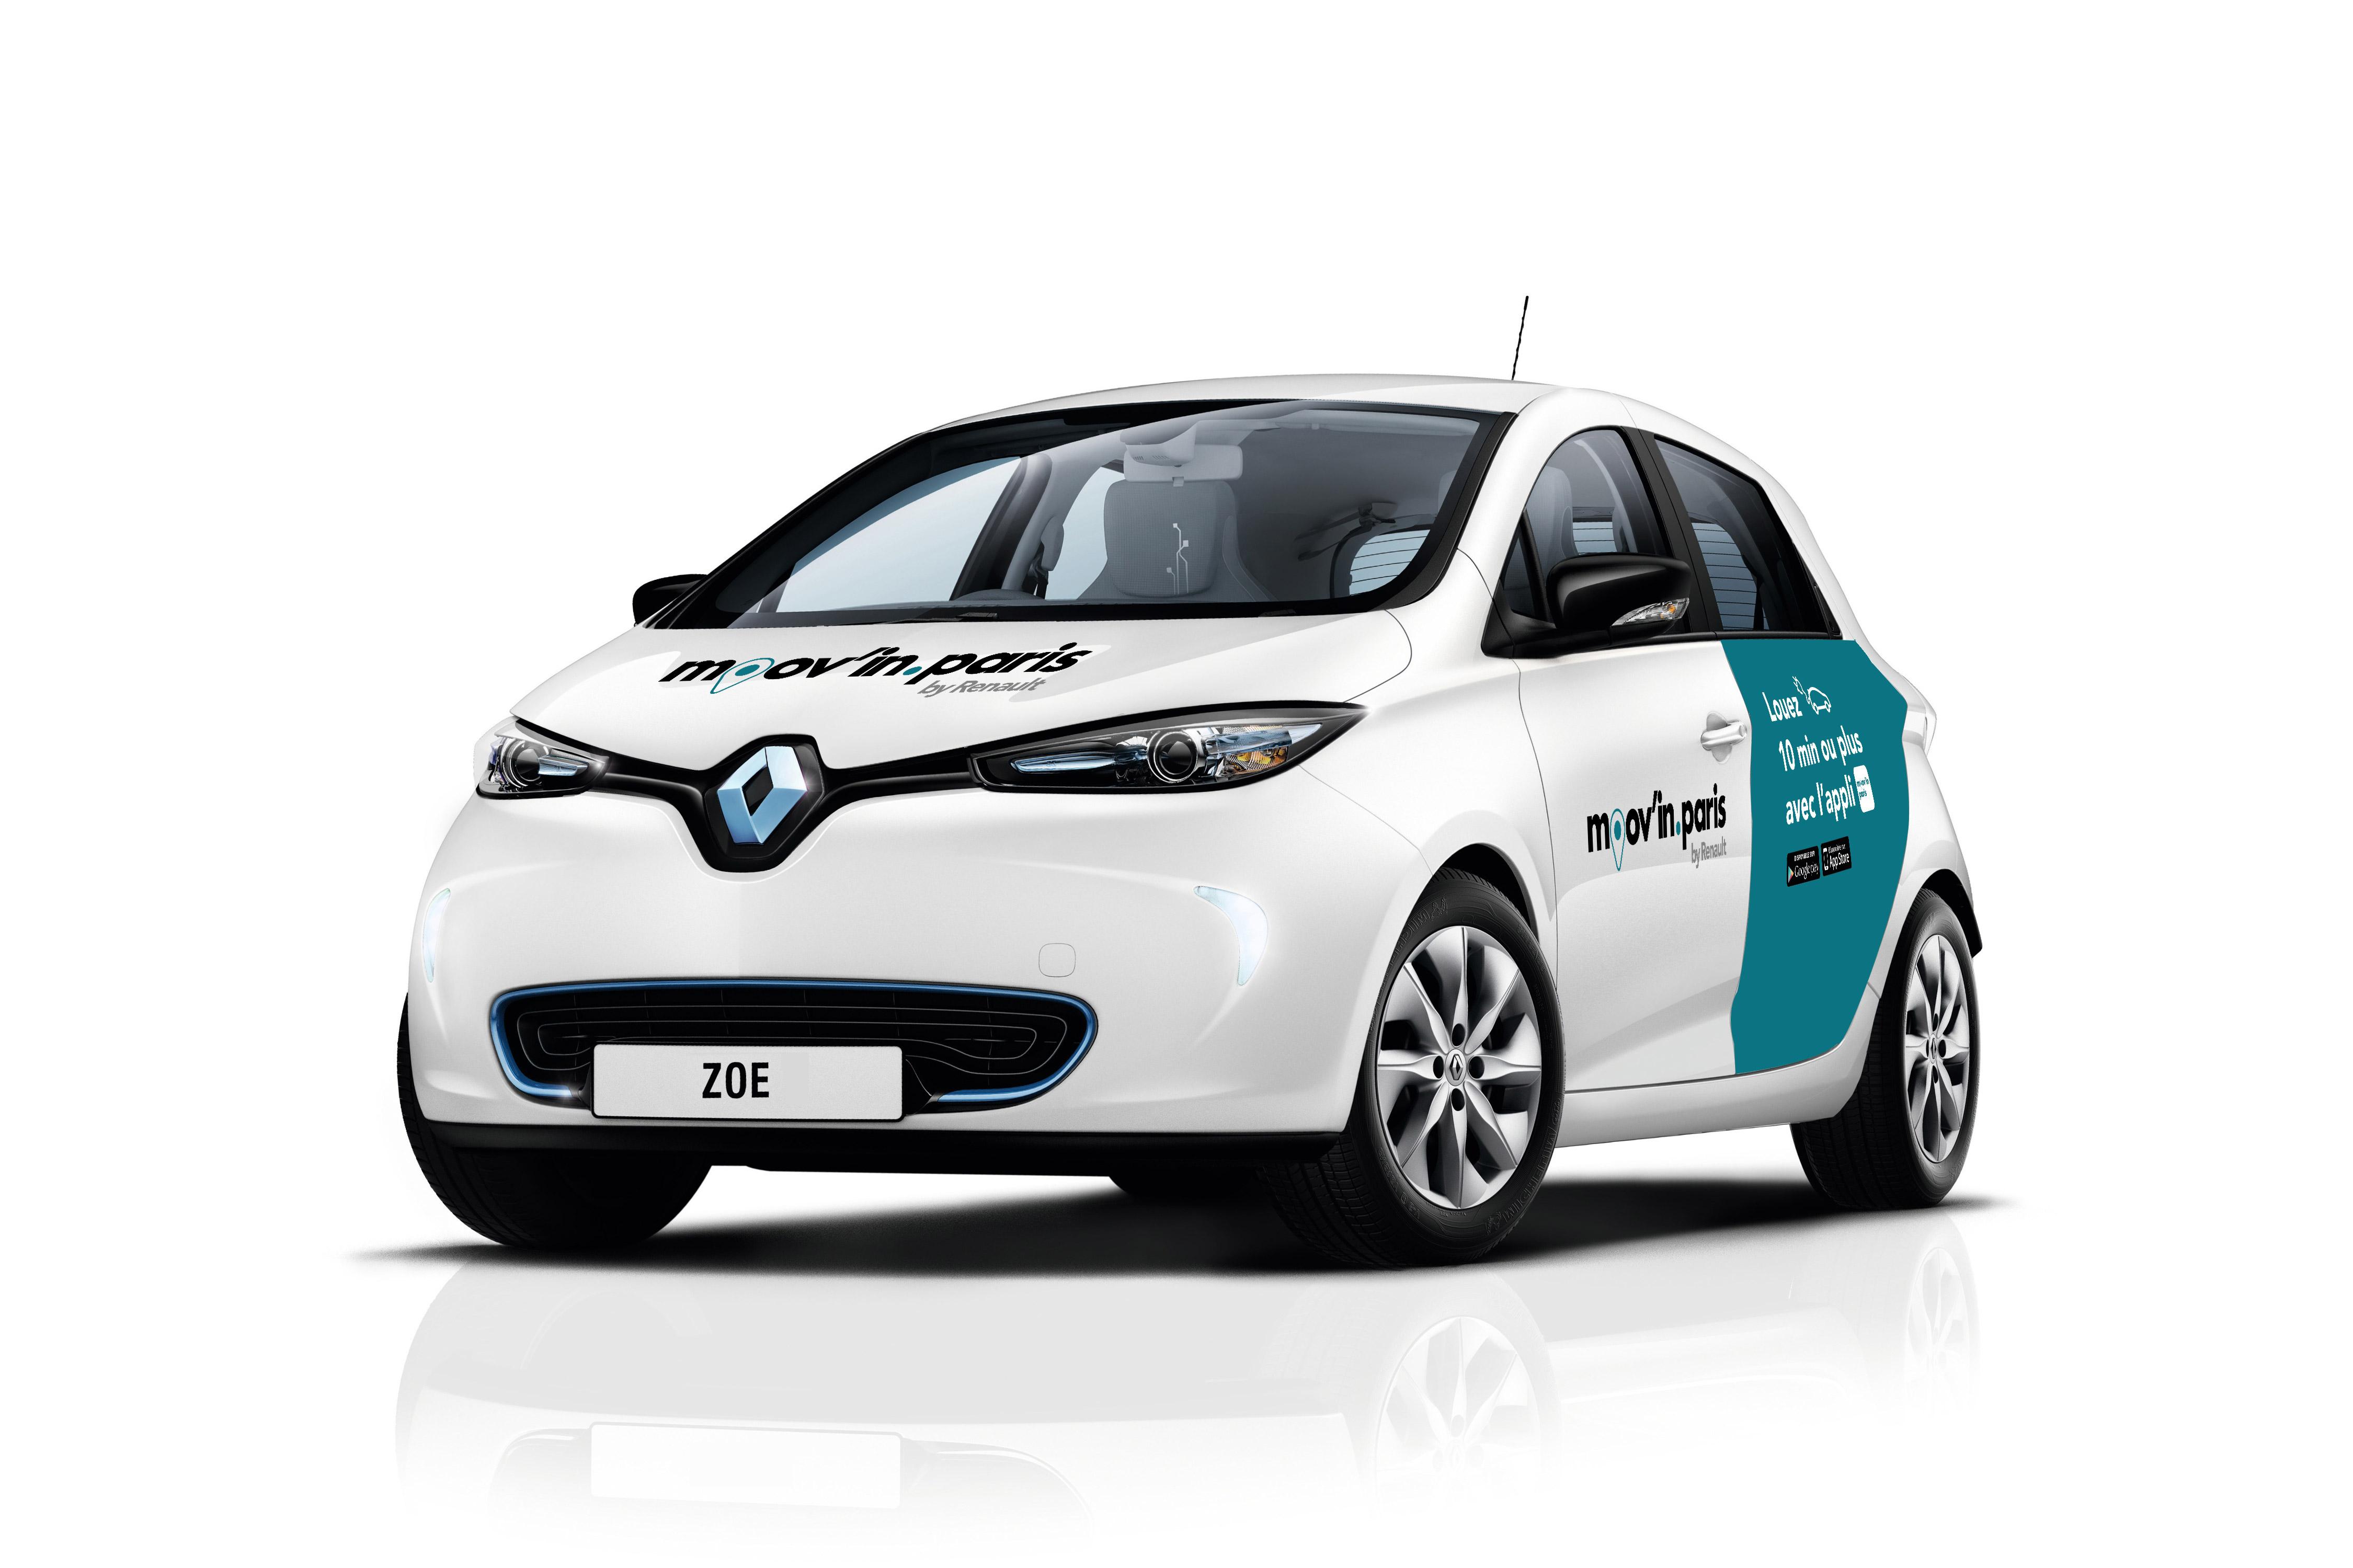 Pour succéder à Autolib', Renault déploie une flotte de voitures électriques en autopartage et libre service